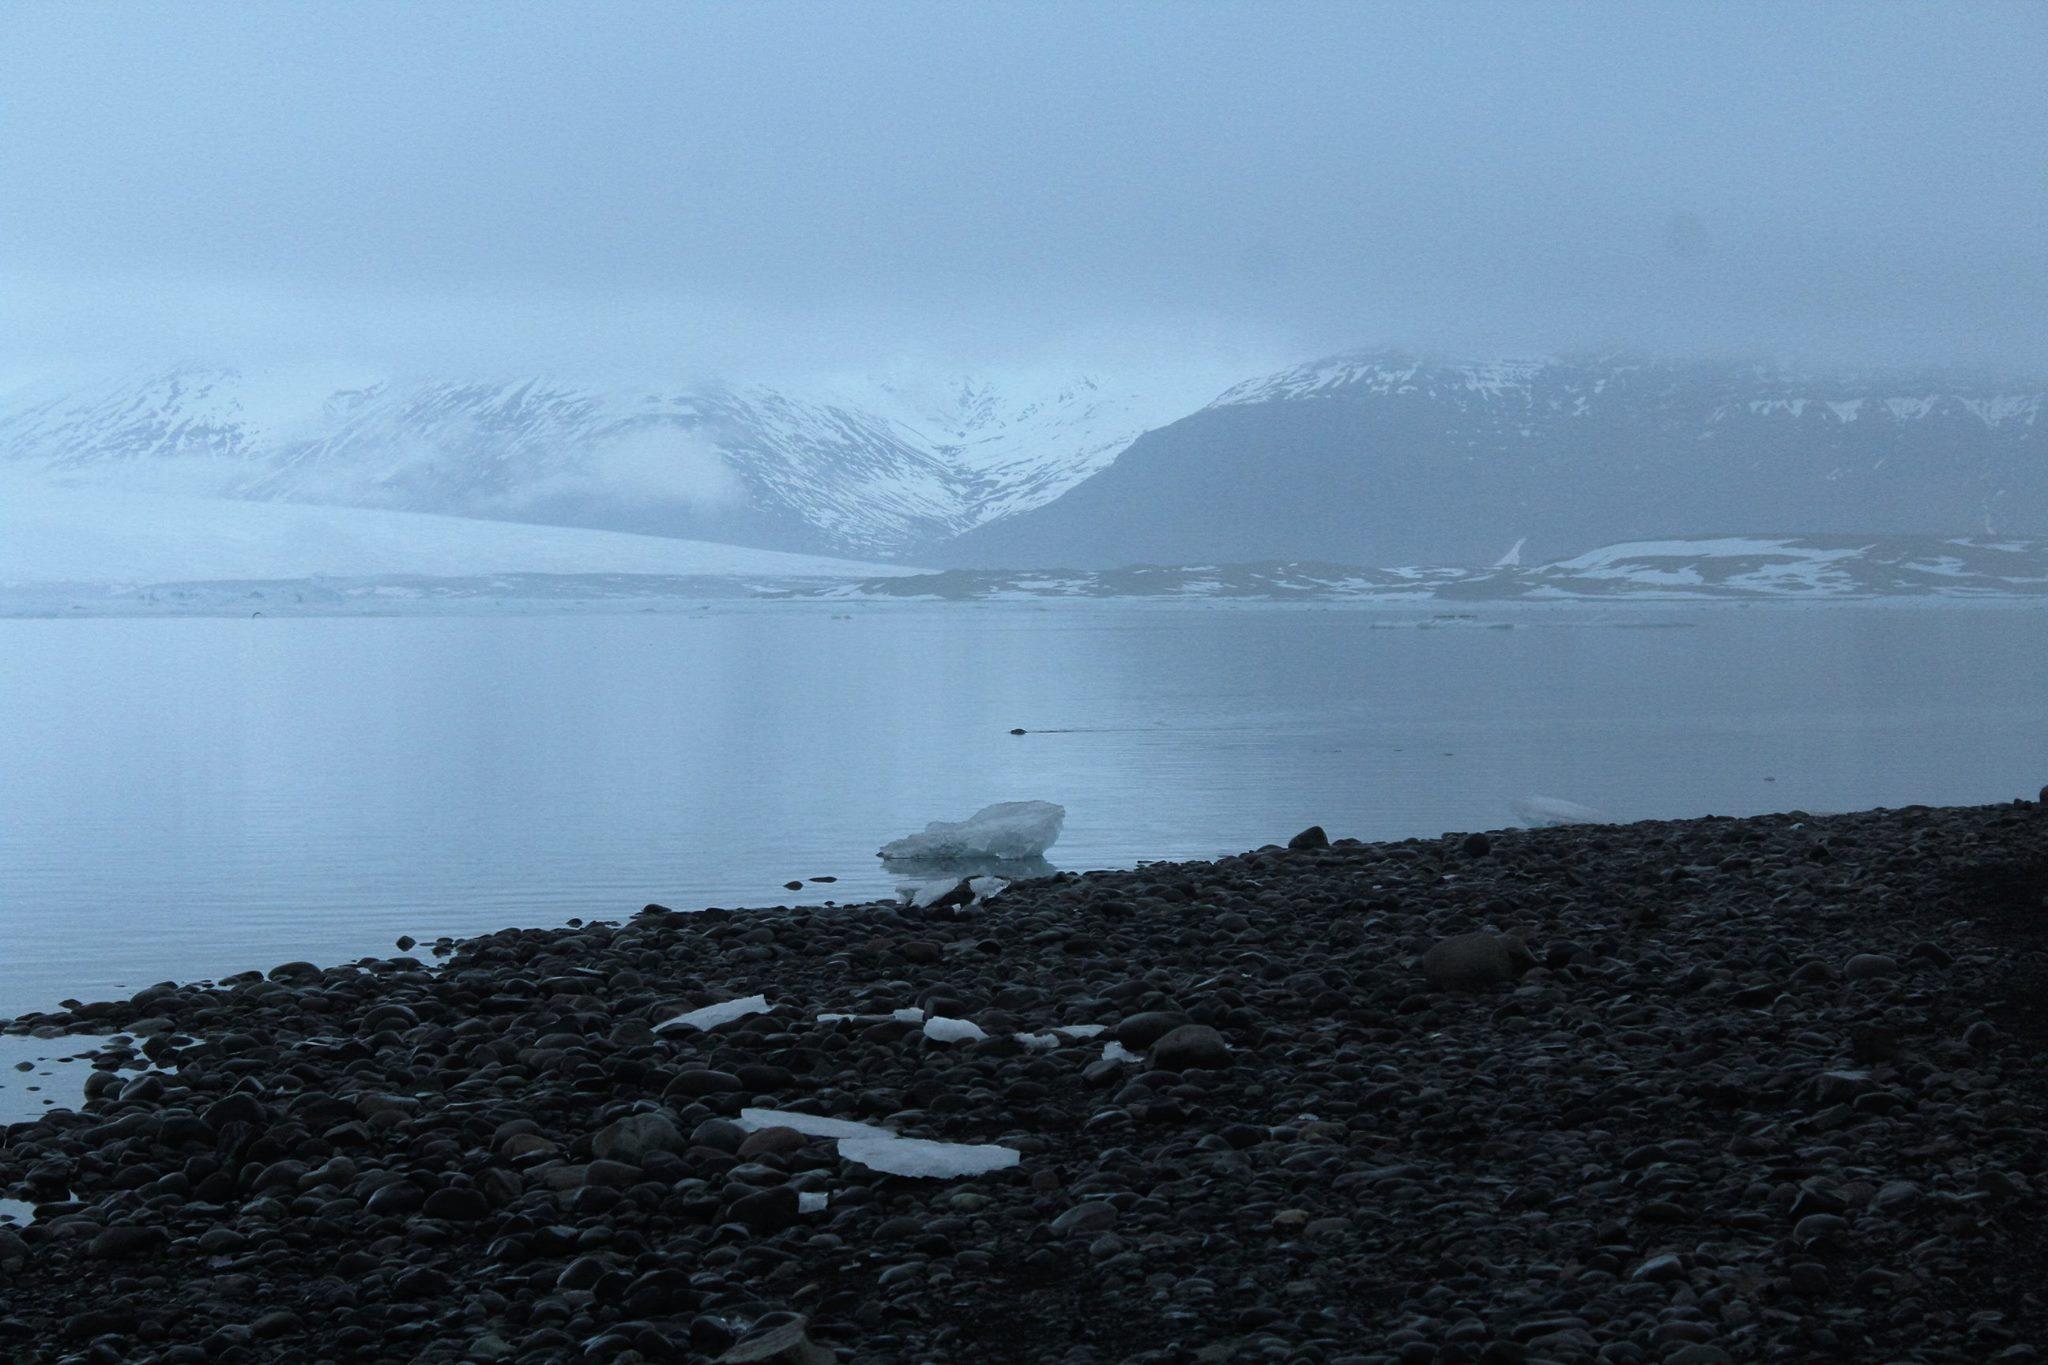 lagoa glacial sombra